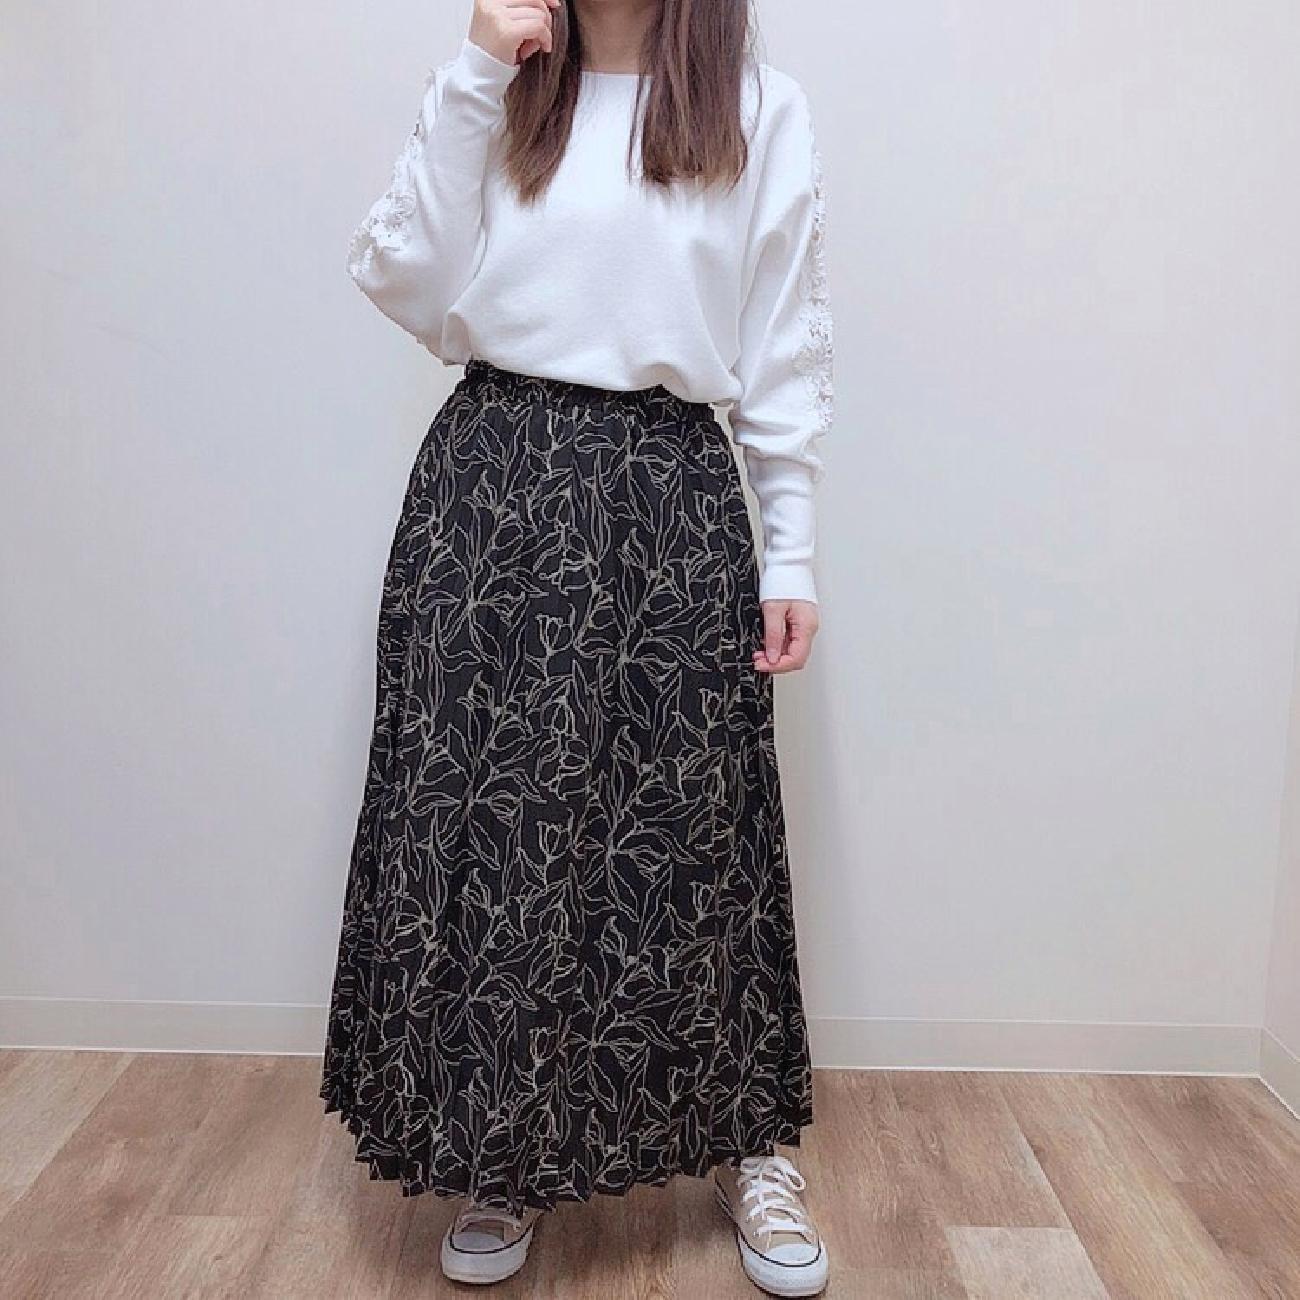 ファッション/服/春服/春/コーディネート/春コーデ/雑貨/雑貨屋/津山/岡山